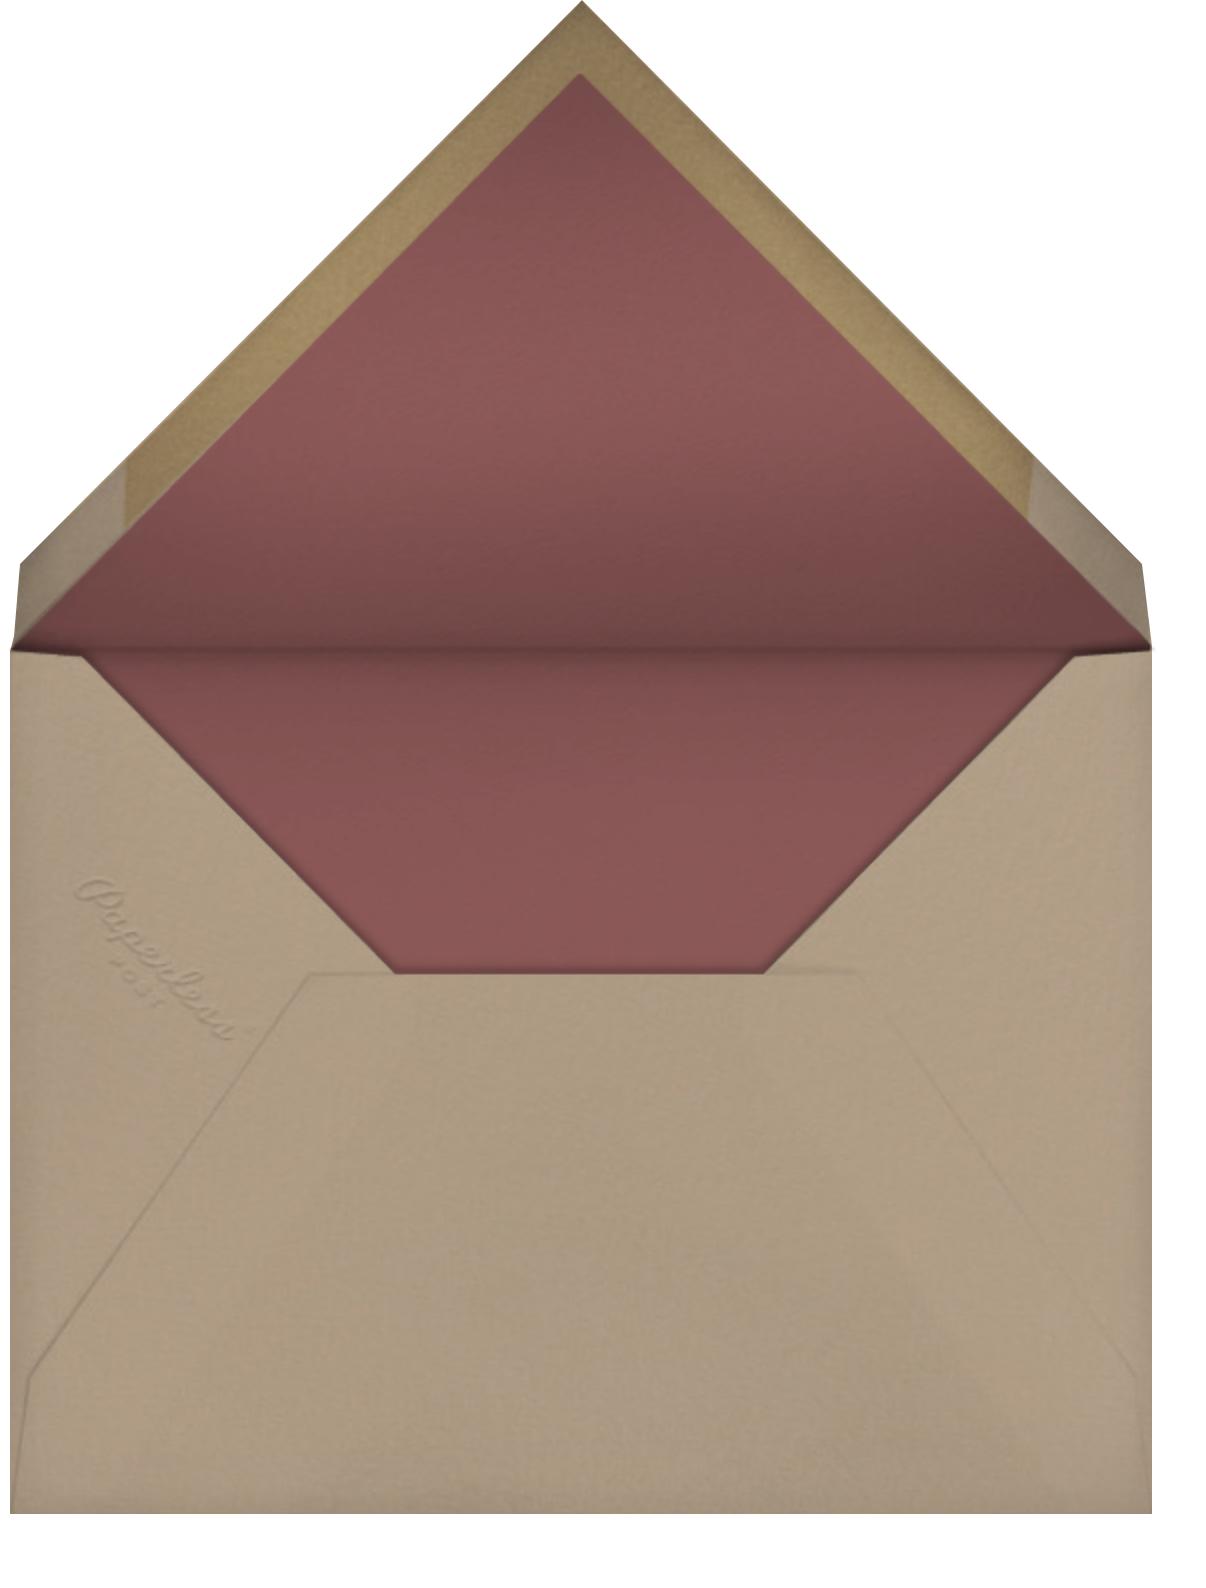 Stay Wild (Sarah Burwash) - Red Cap Cards - Envelope